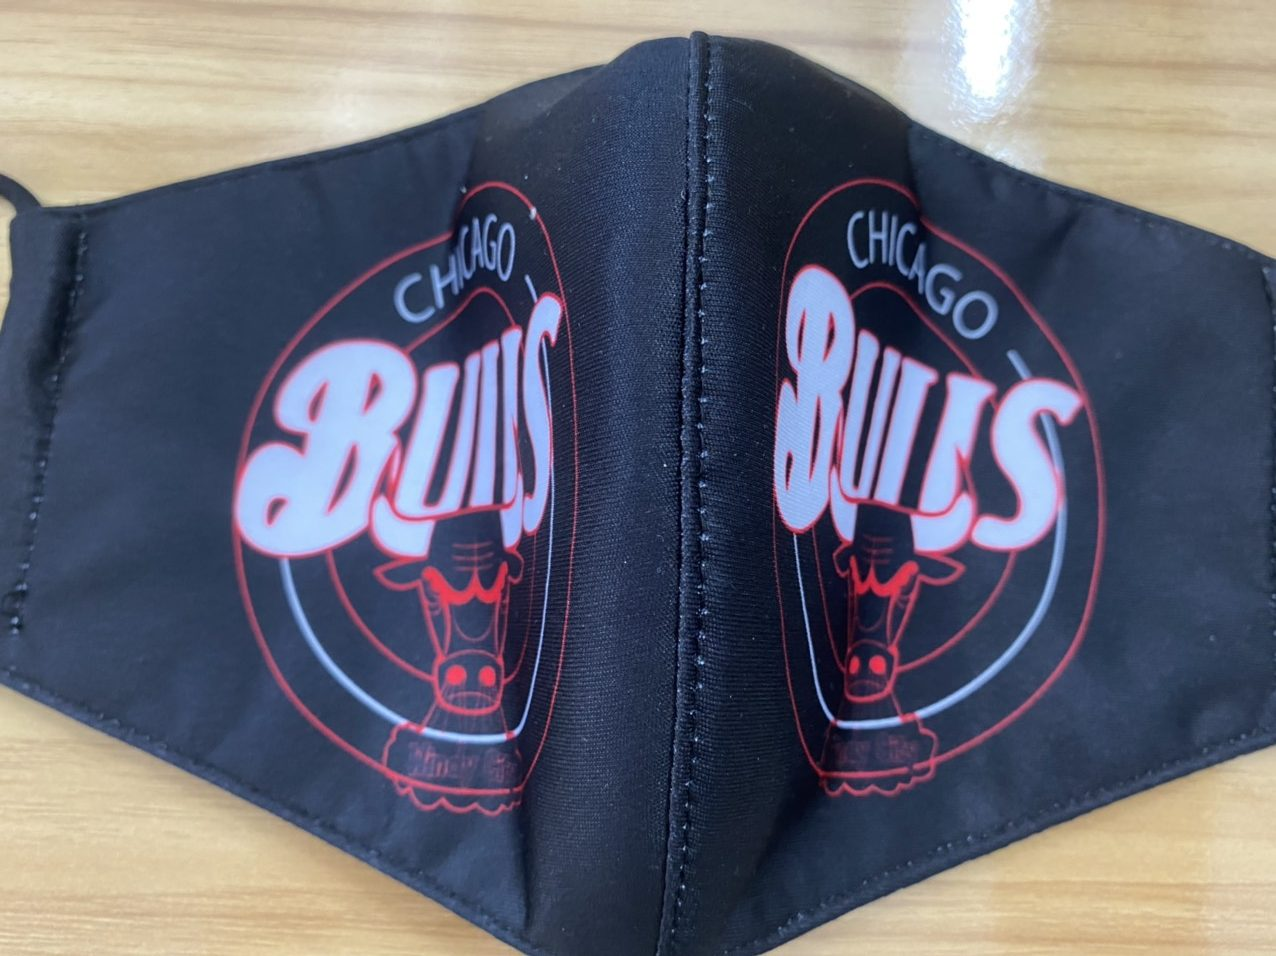 Khẩu Trang Vải In Logo CHICAGO BULLS 2 Lớp - Mẫu Khẩu Trang In 3D Logo Đội Bóng Rổ CHICAGO BULLS Nền Đen 6